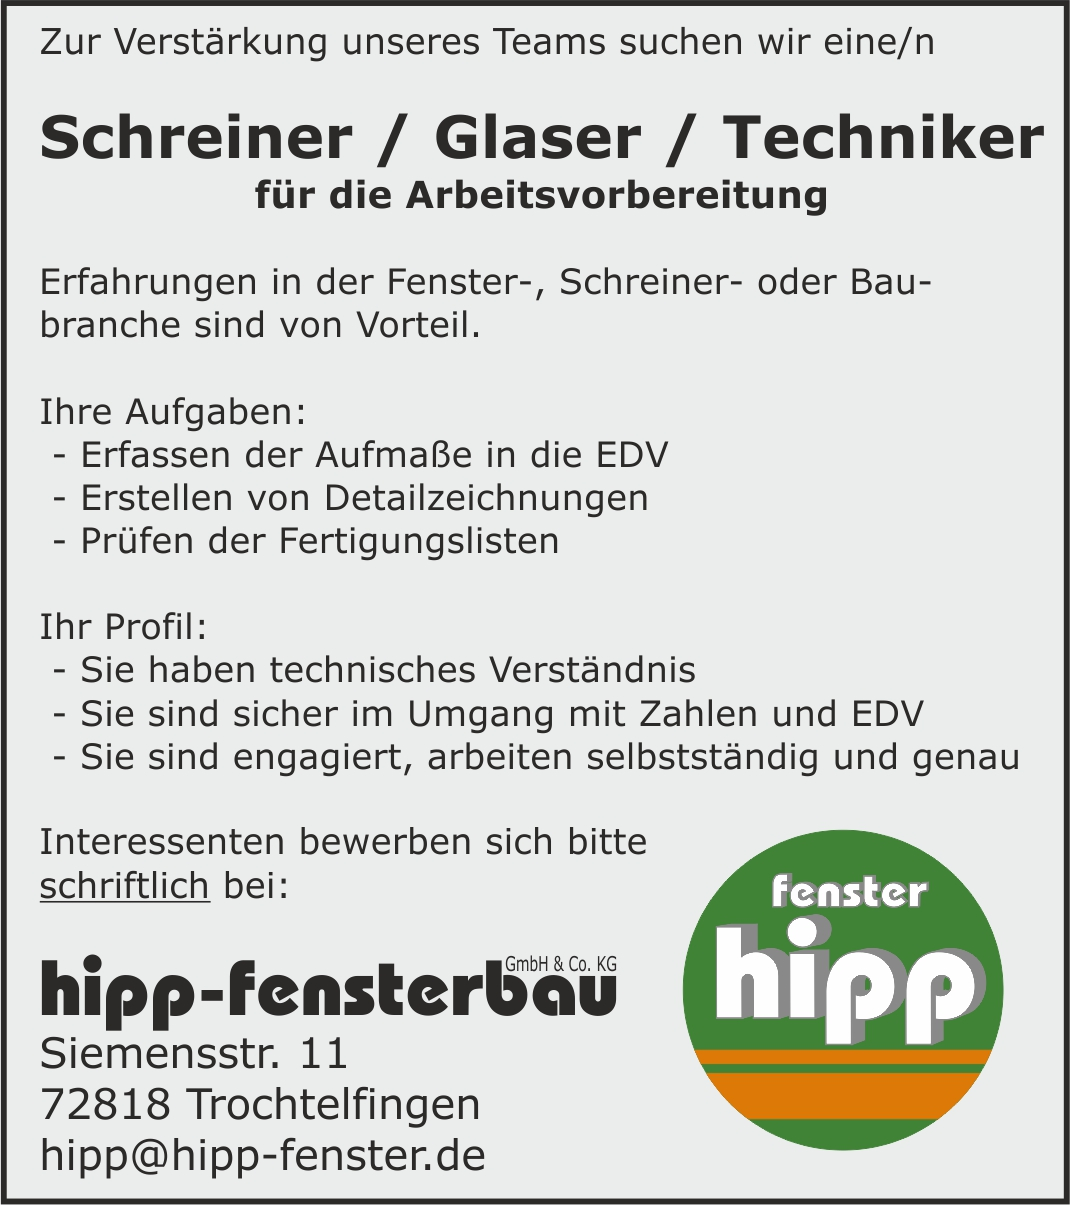 Full Size of Hipp Fensterbau Fenster Fenster.de